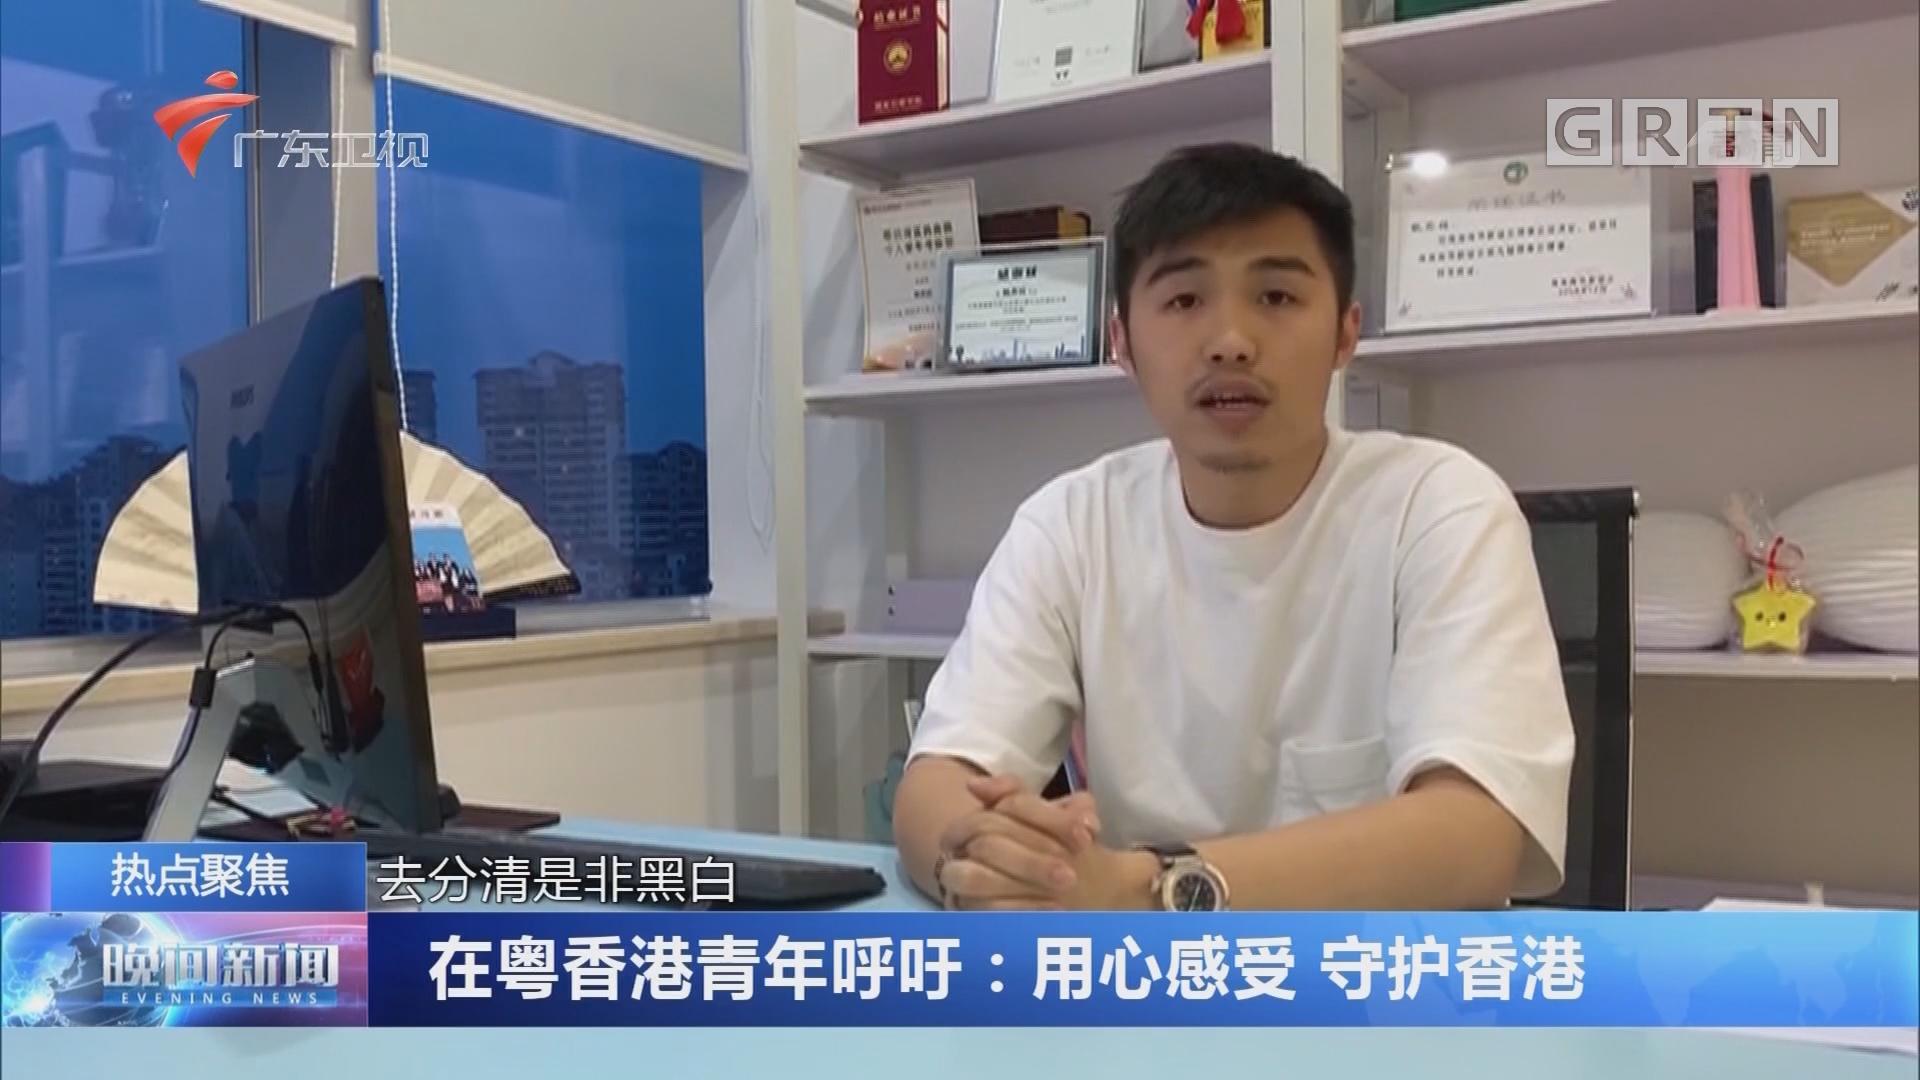 在粤香港青年呼吁:用心感受 守护香港